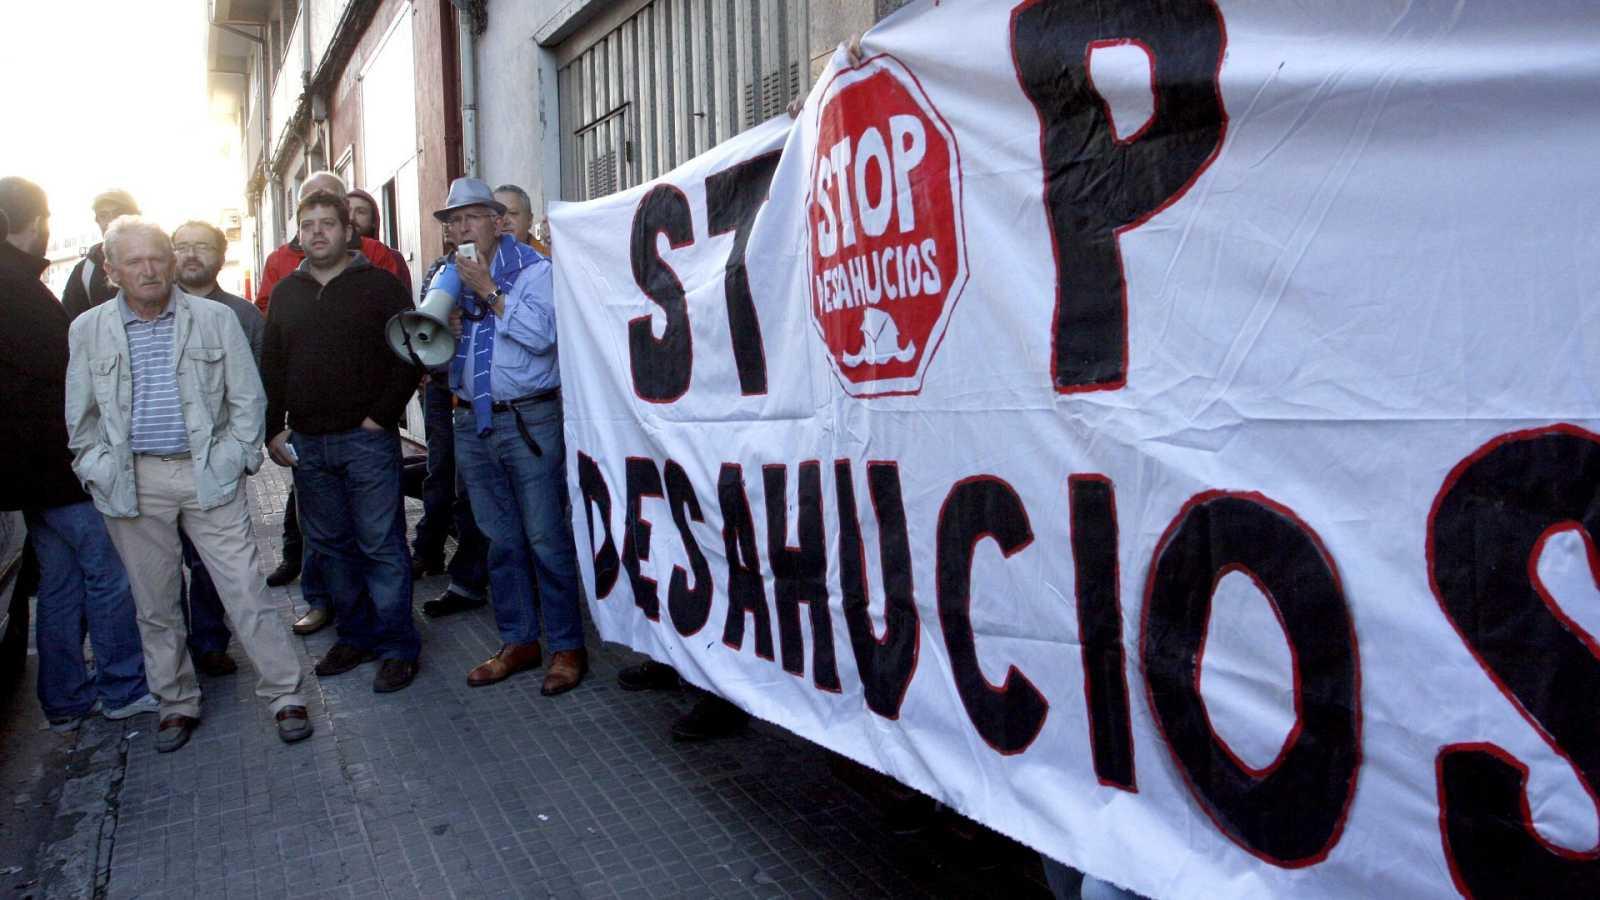 El colectivo Stop Desahucios durante una concentración en una imagen de archivo